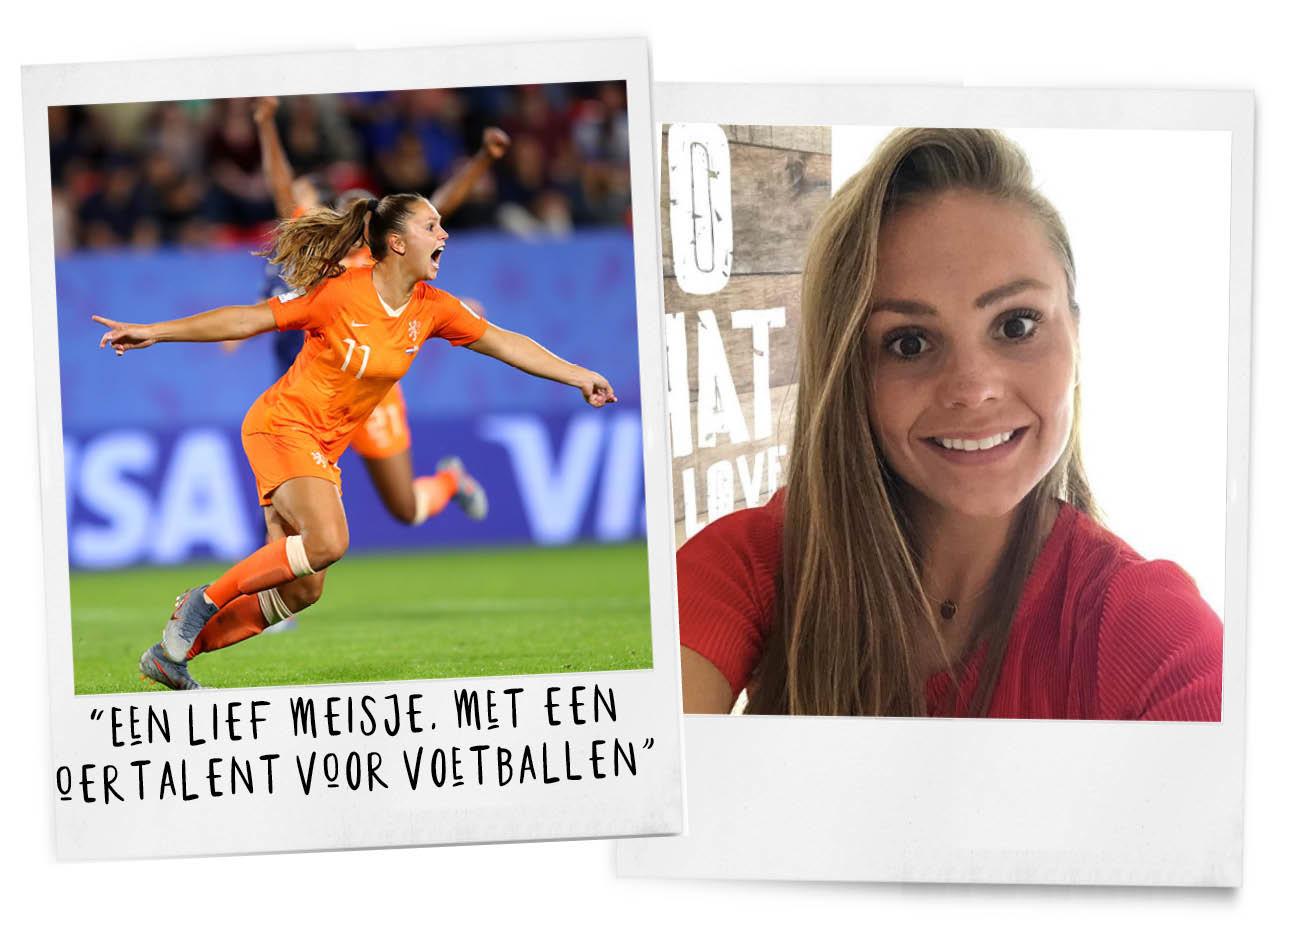 lieke martens aan het voetballen in oranje tenue en een selfie in een rode top